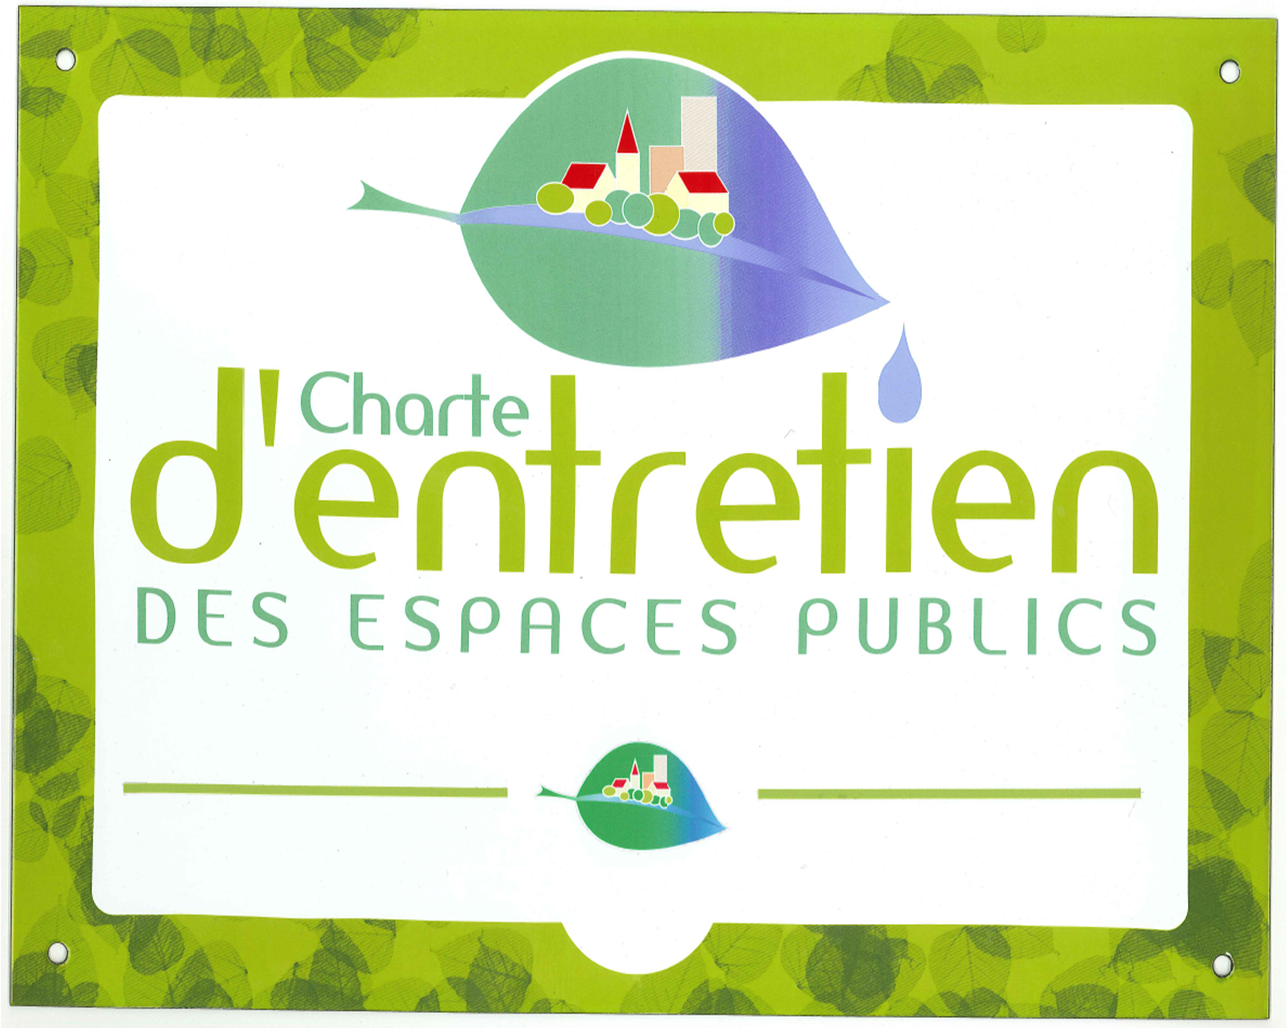 Charte entretien espaces publics